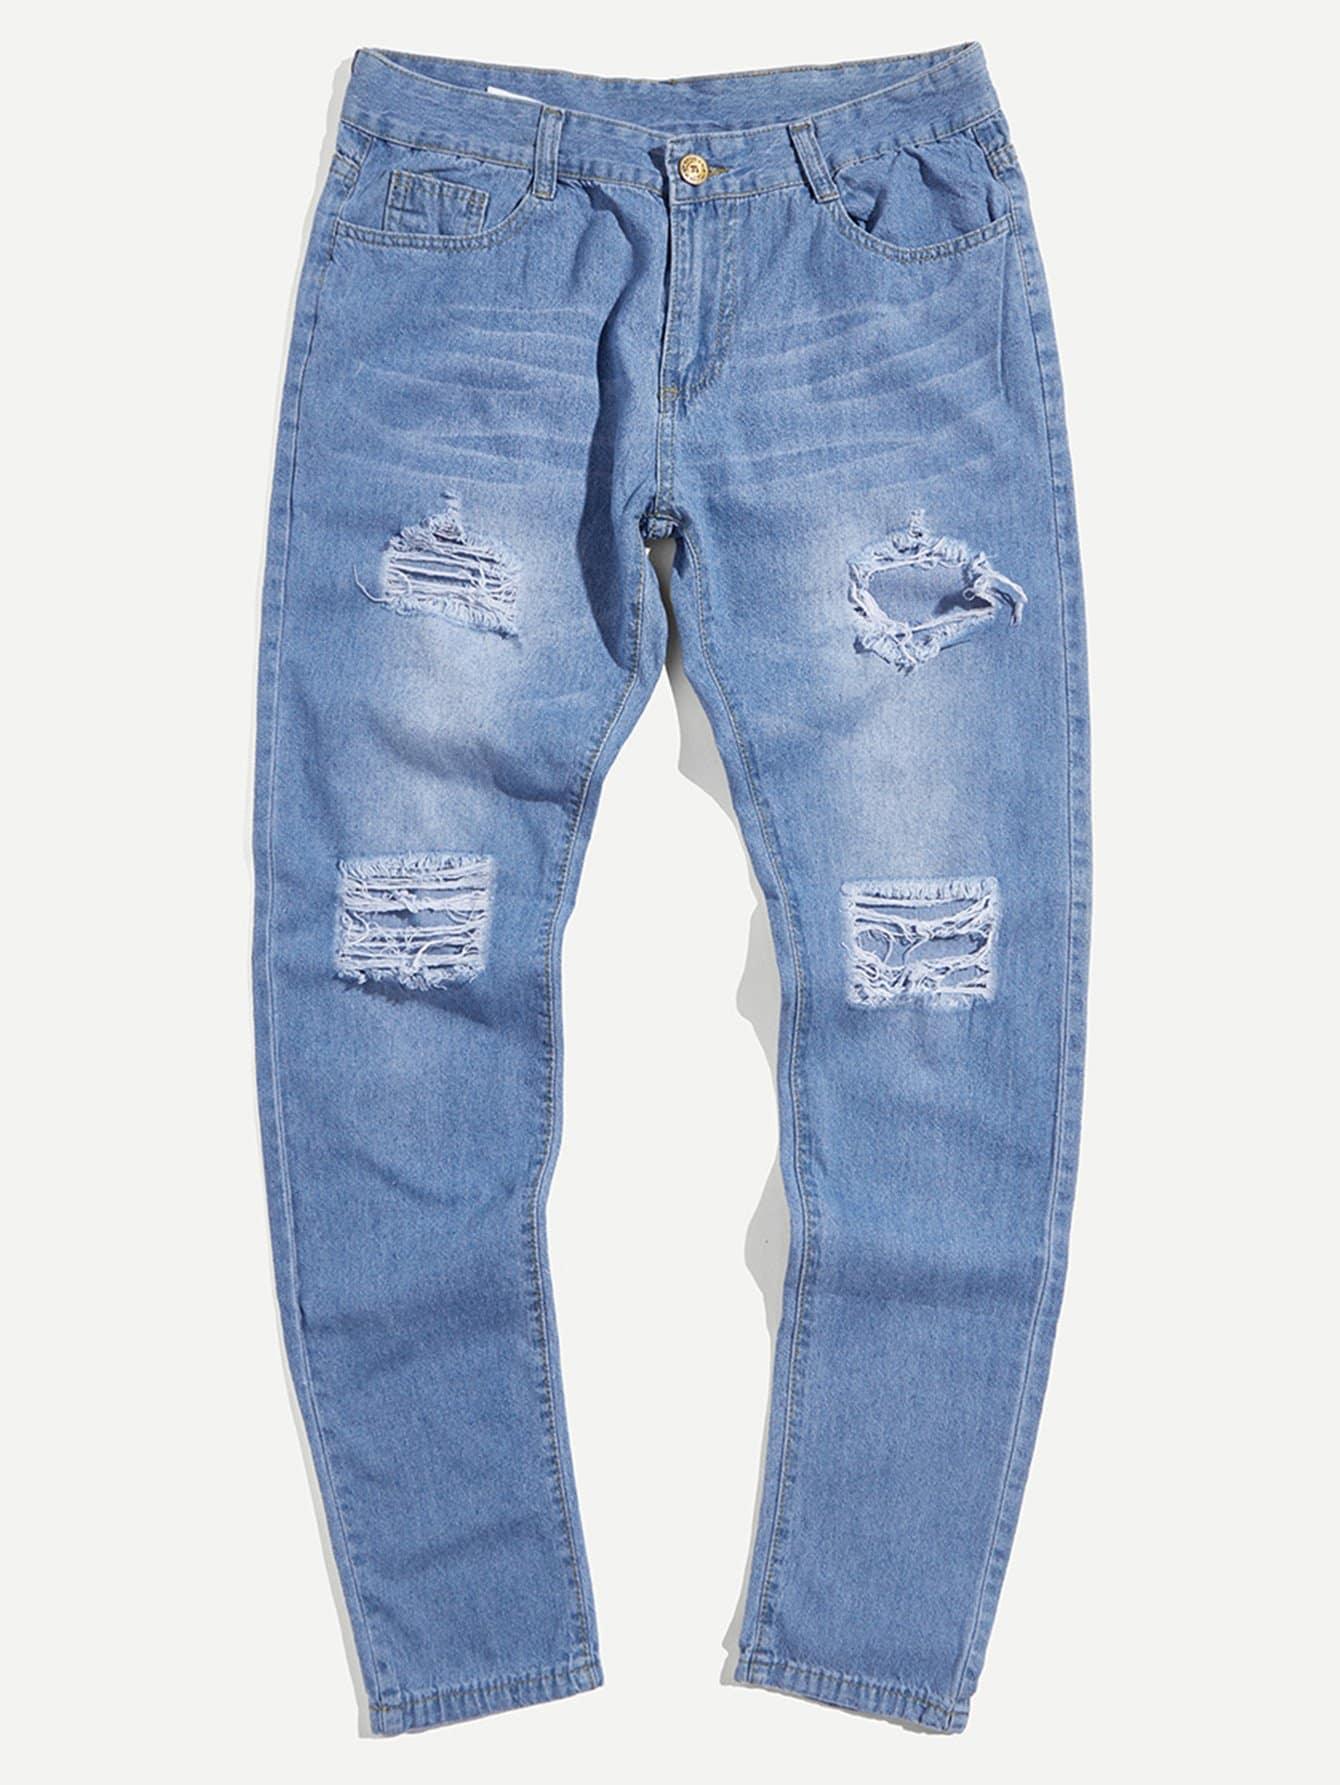 Men Skinny Destroyed Jeans destroyed skinny jeans